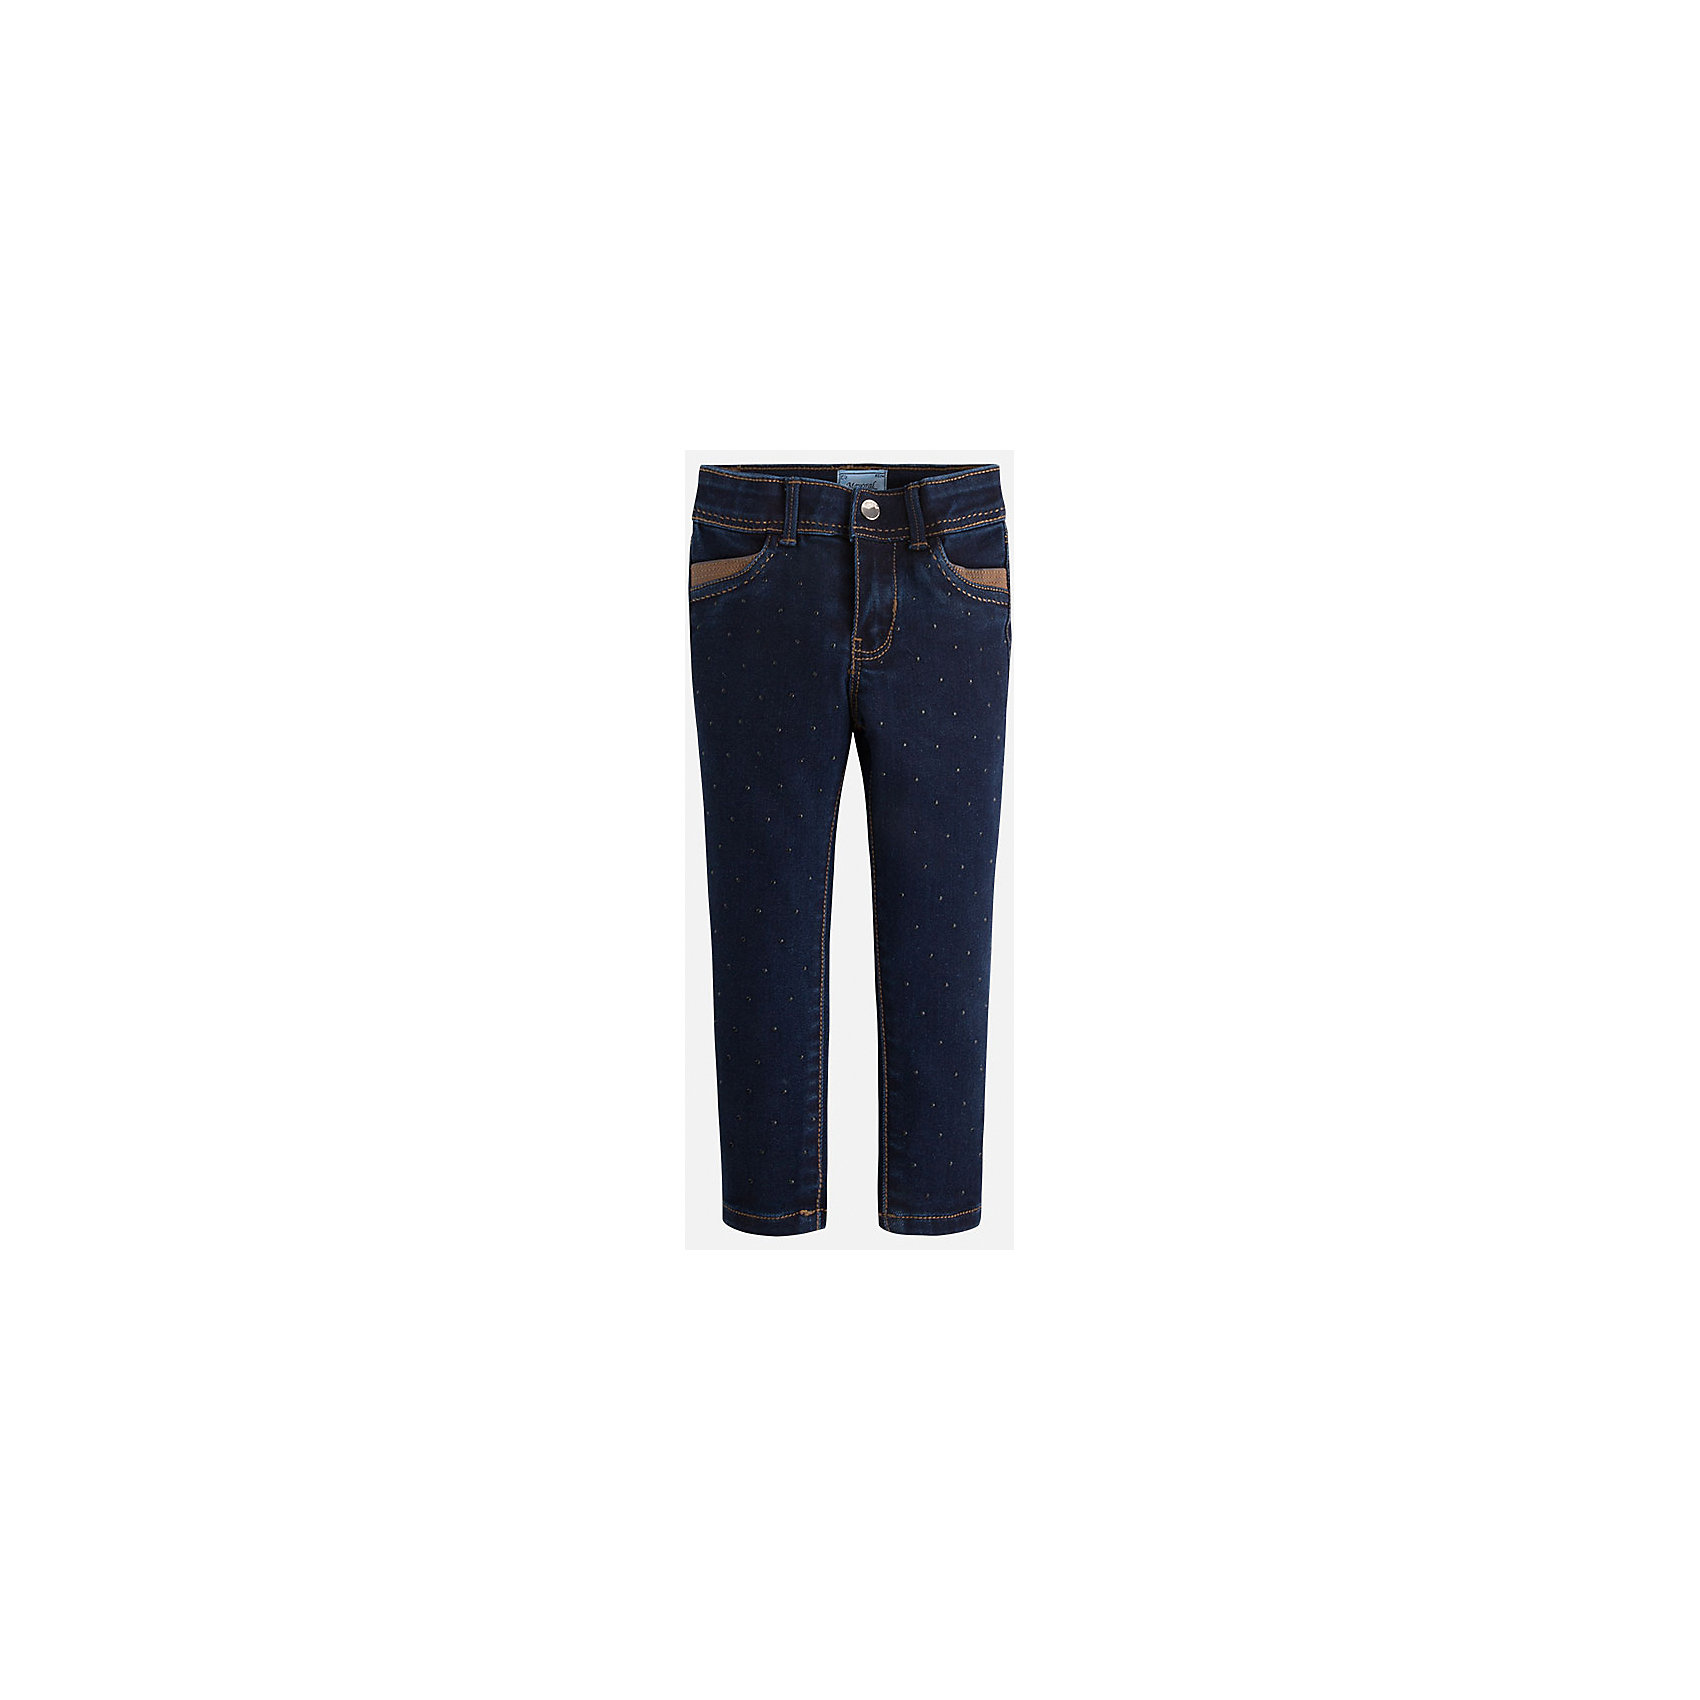 Джинсы для девочки MayoralДжинсовая одежда<br>Джинсы синие Mayoral для девочки с зауженными штанинами, заминами и потертостями выглядят стильно и модно. Модель с четырьмя функциональными карманами прекрасно сочетается с различными блузами, туниками и футболками. Джинсы застегиваются на металлическую пуговицу и молнию, на поясе выполнены шлевки для ремня. <br><br>Дополнительная инфориация:<br><br>- вид застежки: на молнии <br>- цвет: синий<br>- фактура материала: текстильный<br>- покрой: прямой<br>- состав: 78% хлопок;20% полиестер; 2% эластан     <br>- уход за вещами: бережная стирка при 30 градусах<br>- рисунок: без рисунка<br>- назначение: повседневная<br>- сезон: круглогодичный<br>- пол: девочки<br>- страна бренда: Испания<br>- страна производитель:  Бангладеш<br>- комплектация: джинсы<br><br>Джинсы торгов ой марки    Майорал можно купить в нашем интернет магазине<br><br>Ширина мм: 215<br>Глубина мм: 88<br>Высота мм: 191<br>Вес г: 336<br>Цвет: синий<br>Возраст от месяцев: 18<br>Возраст до месяцев: 24<br>Пол: Женский<br>Возраст: Детский<br>Размер: 92,116,134,98,104,128,110,122<br>SKU: 4843933